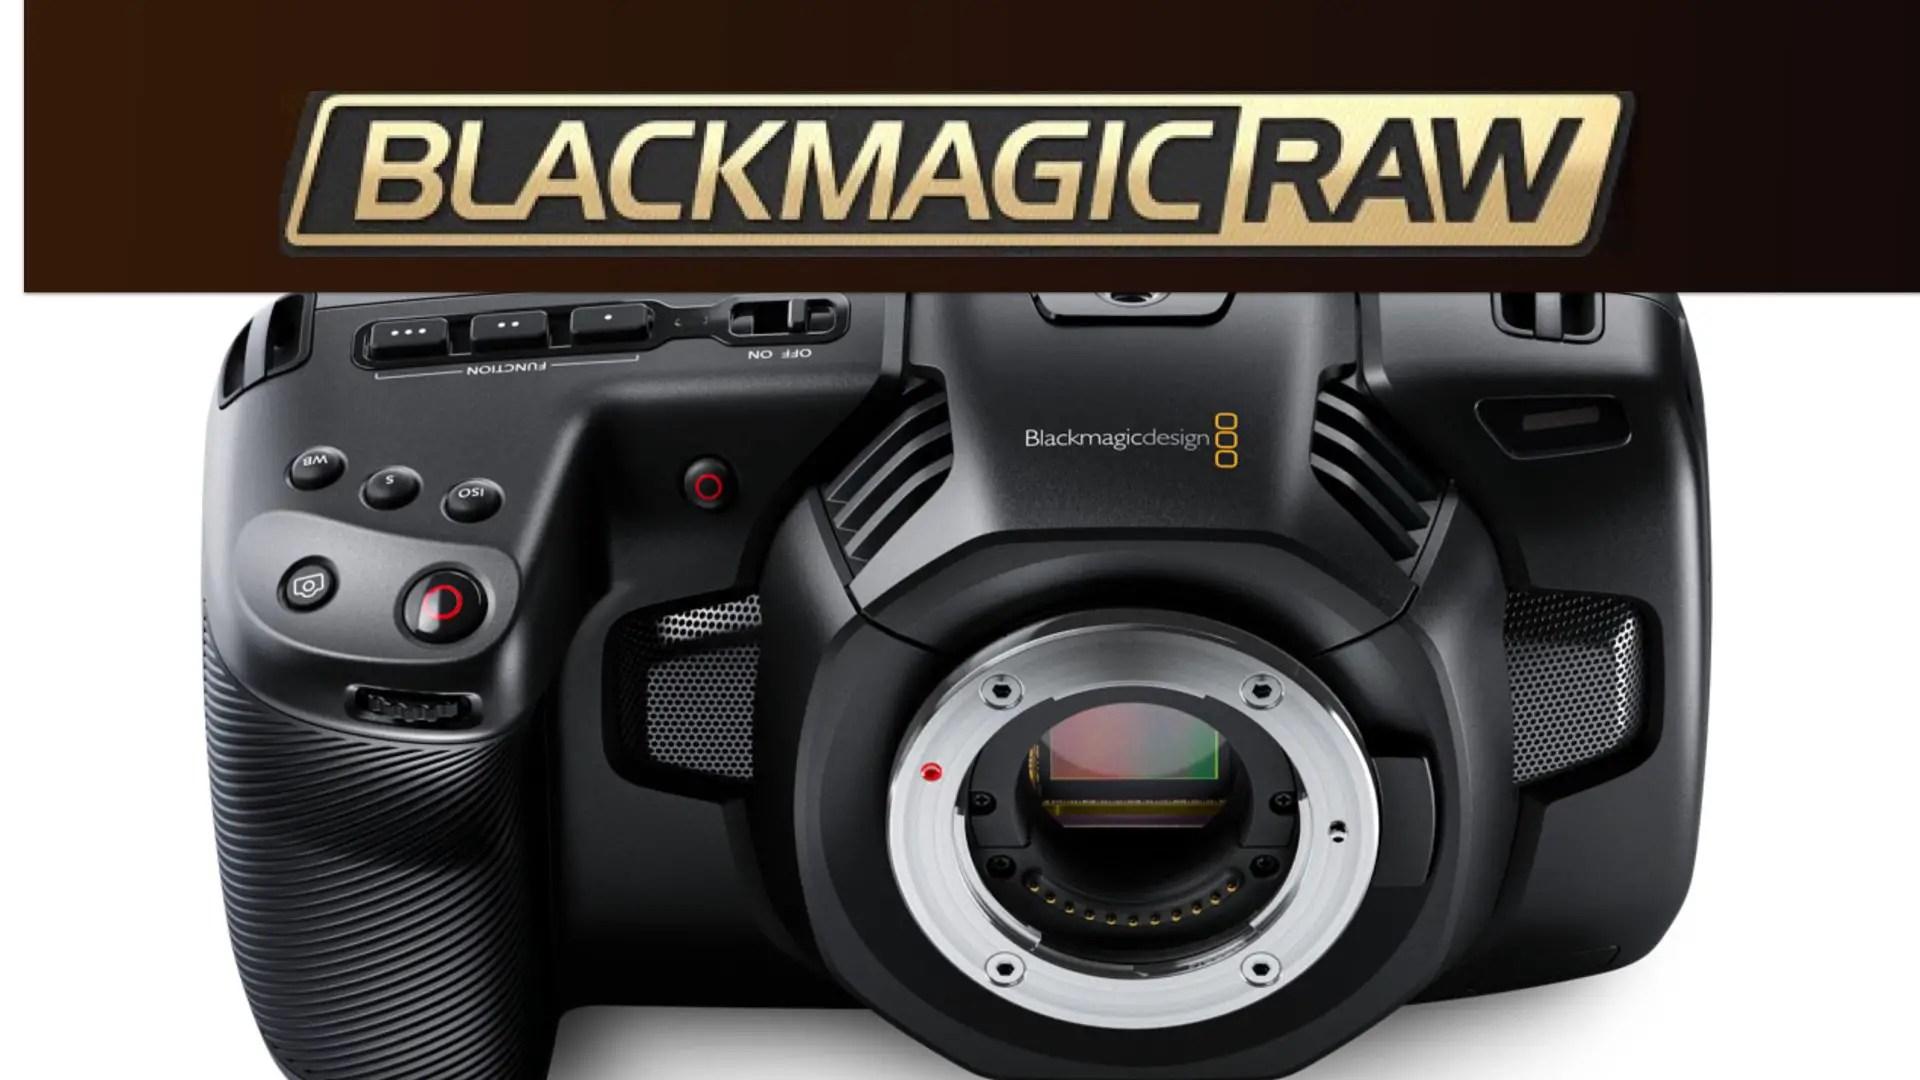 Blackmagic RAW (BRAW) has Arrived to the Pocket Cinema